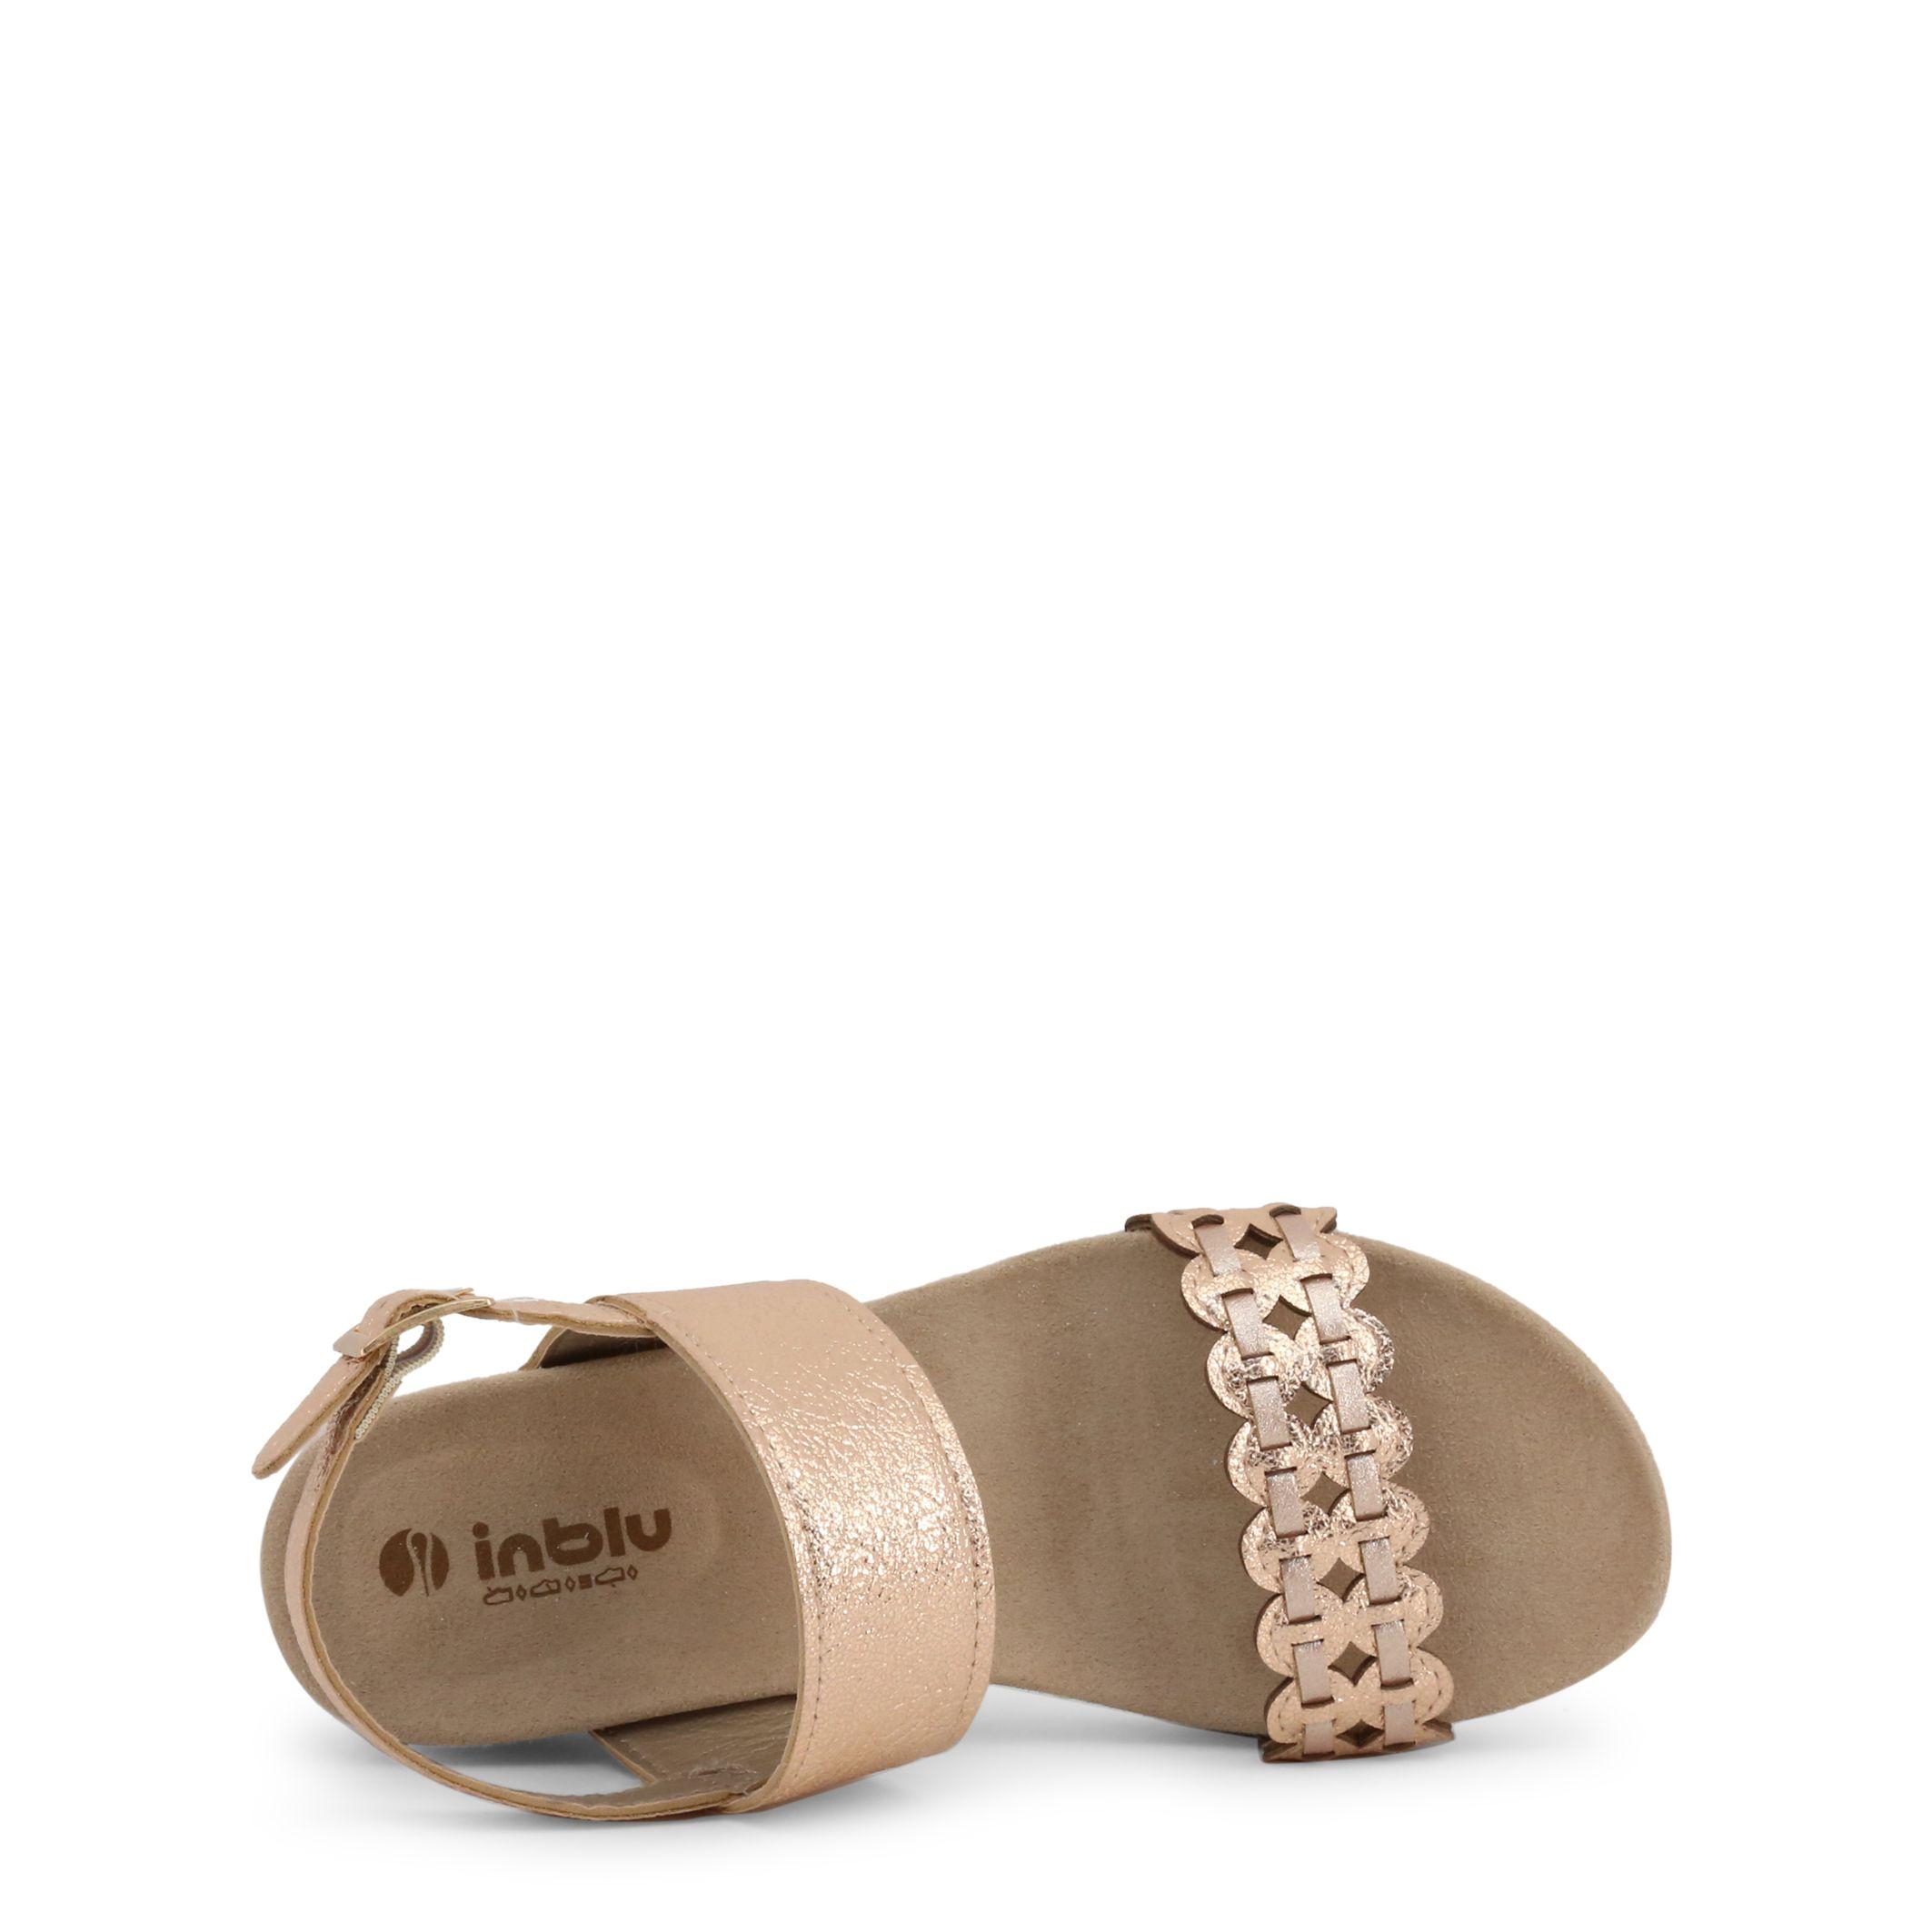 Inblu - DV000008  | You Fashion Outlet